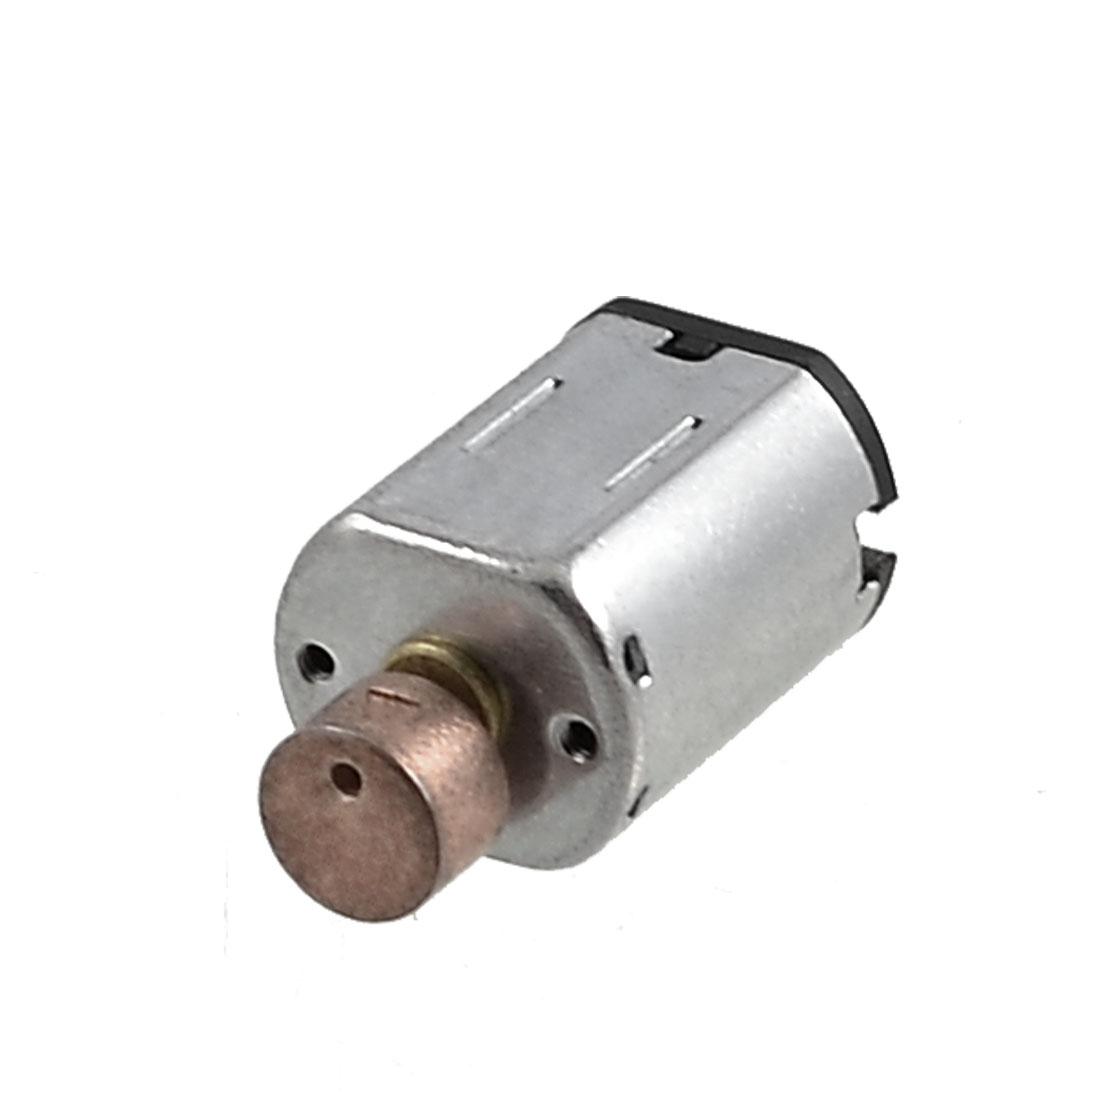 Toys Moulding N20 4.5V 18000RPM 0.34A DC Mini Vibration Motor